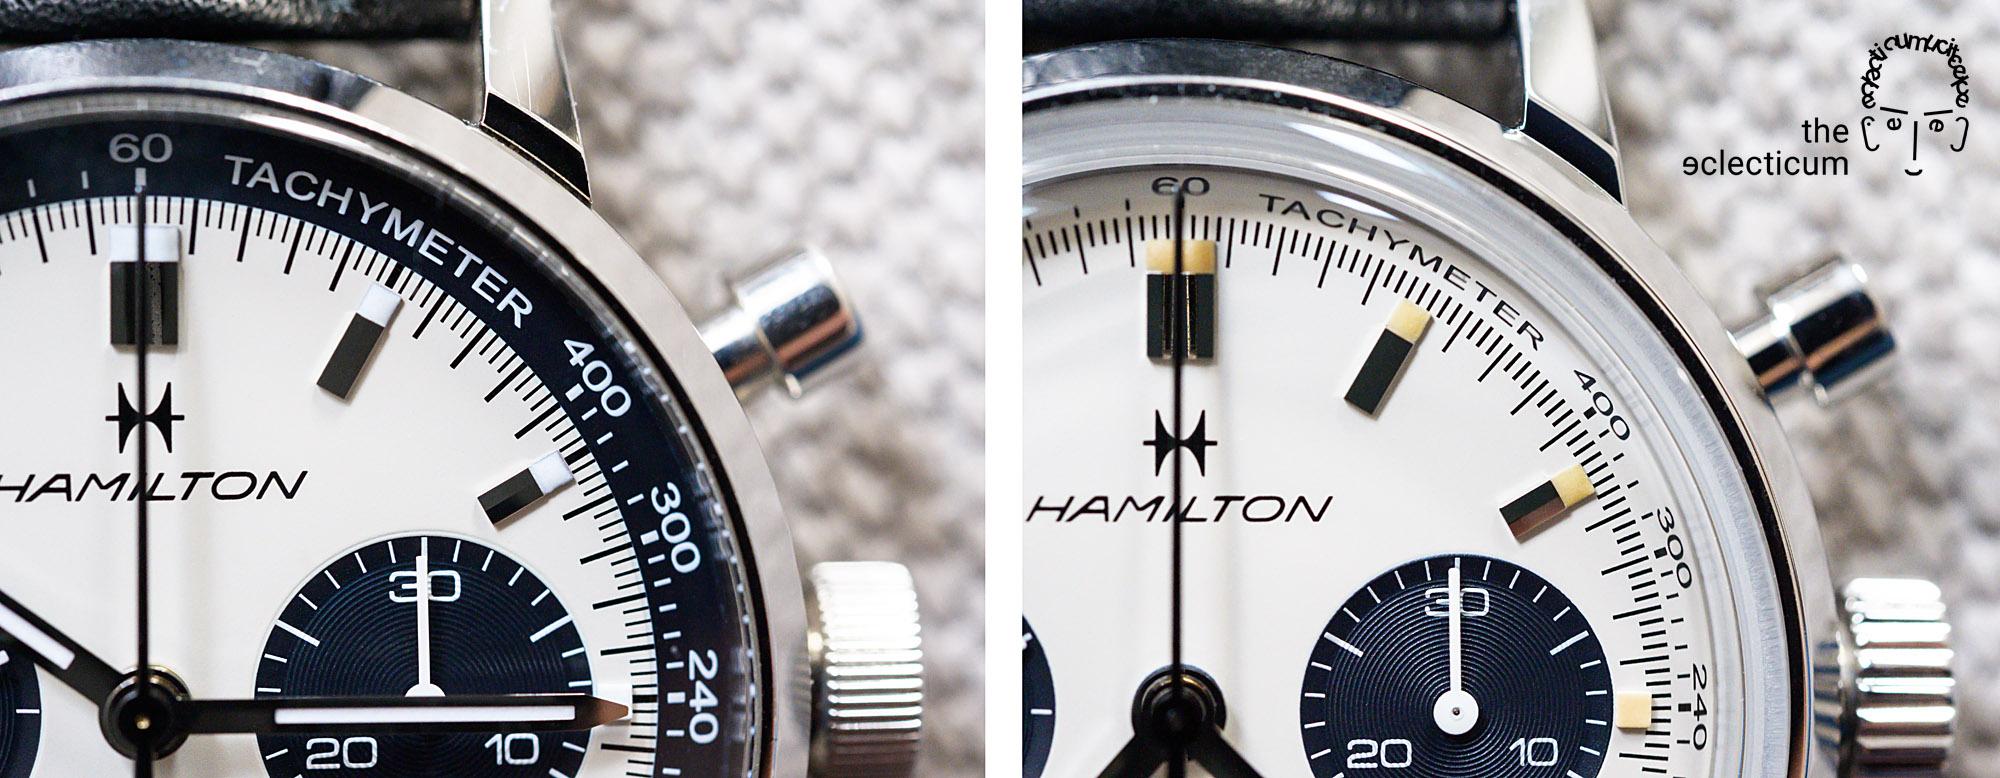 Hamilton Intra-Matic Auto Chrono Chronograph H novelty 2021